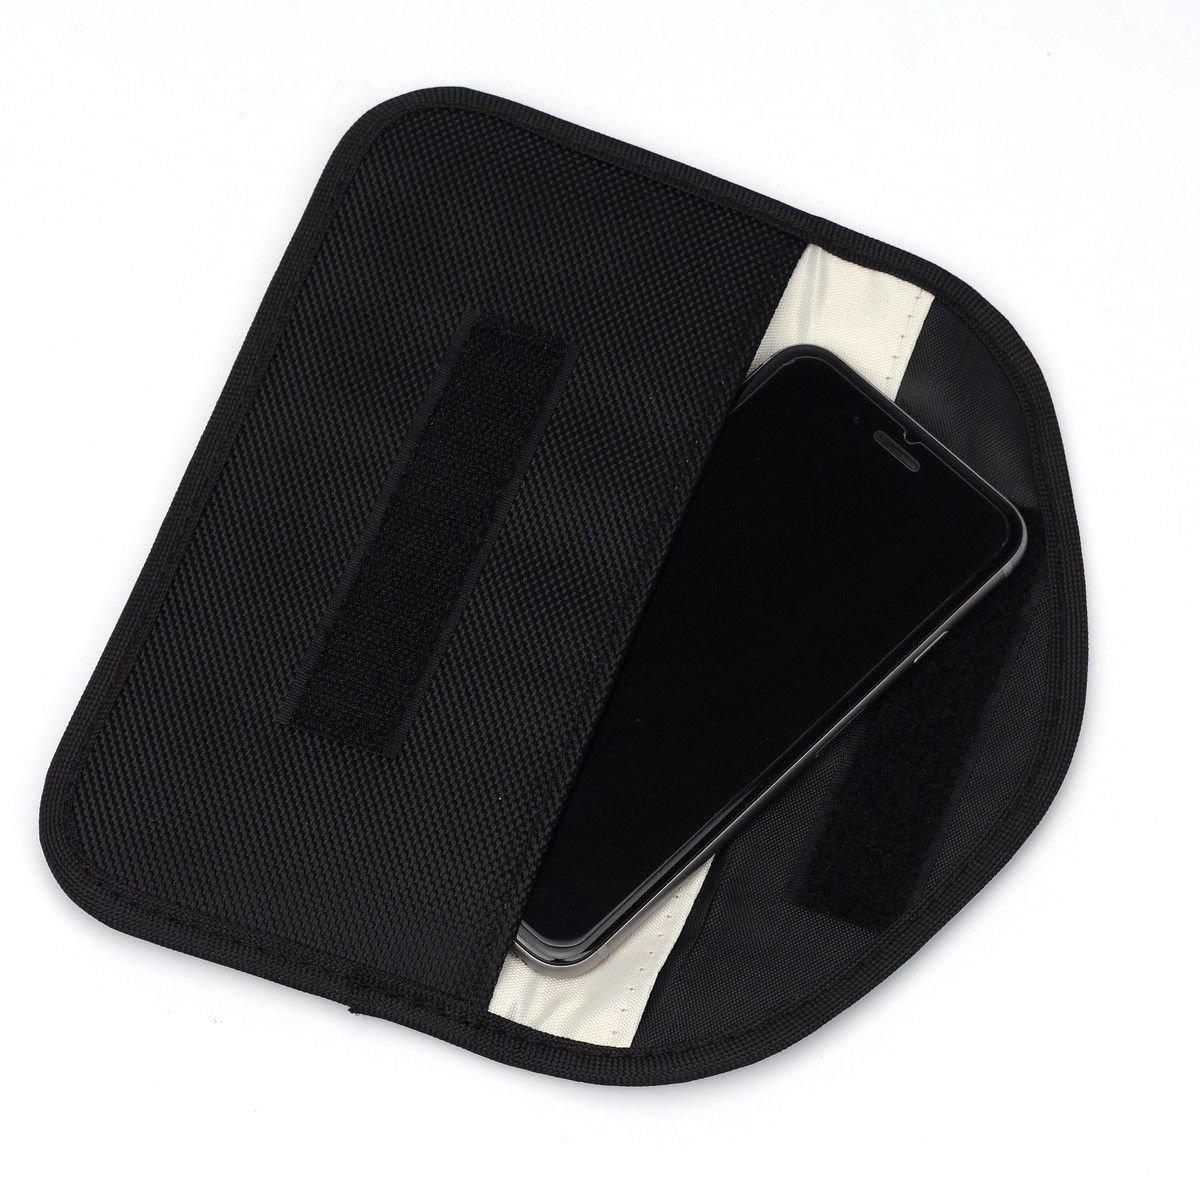 Fob Guard Keyless Entry Remote RFID HISU Faraday Cage Shield Car Key Fob Signal Blocking Pouch 20 x 10 cm Faraday Bag RFID Key Fob Antitheft Lock Devices Protector WiFi//GSM//LTE//NFC//RF Blocker